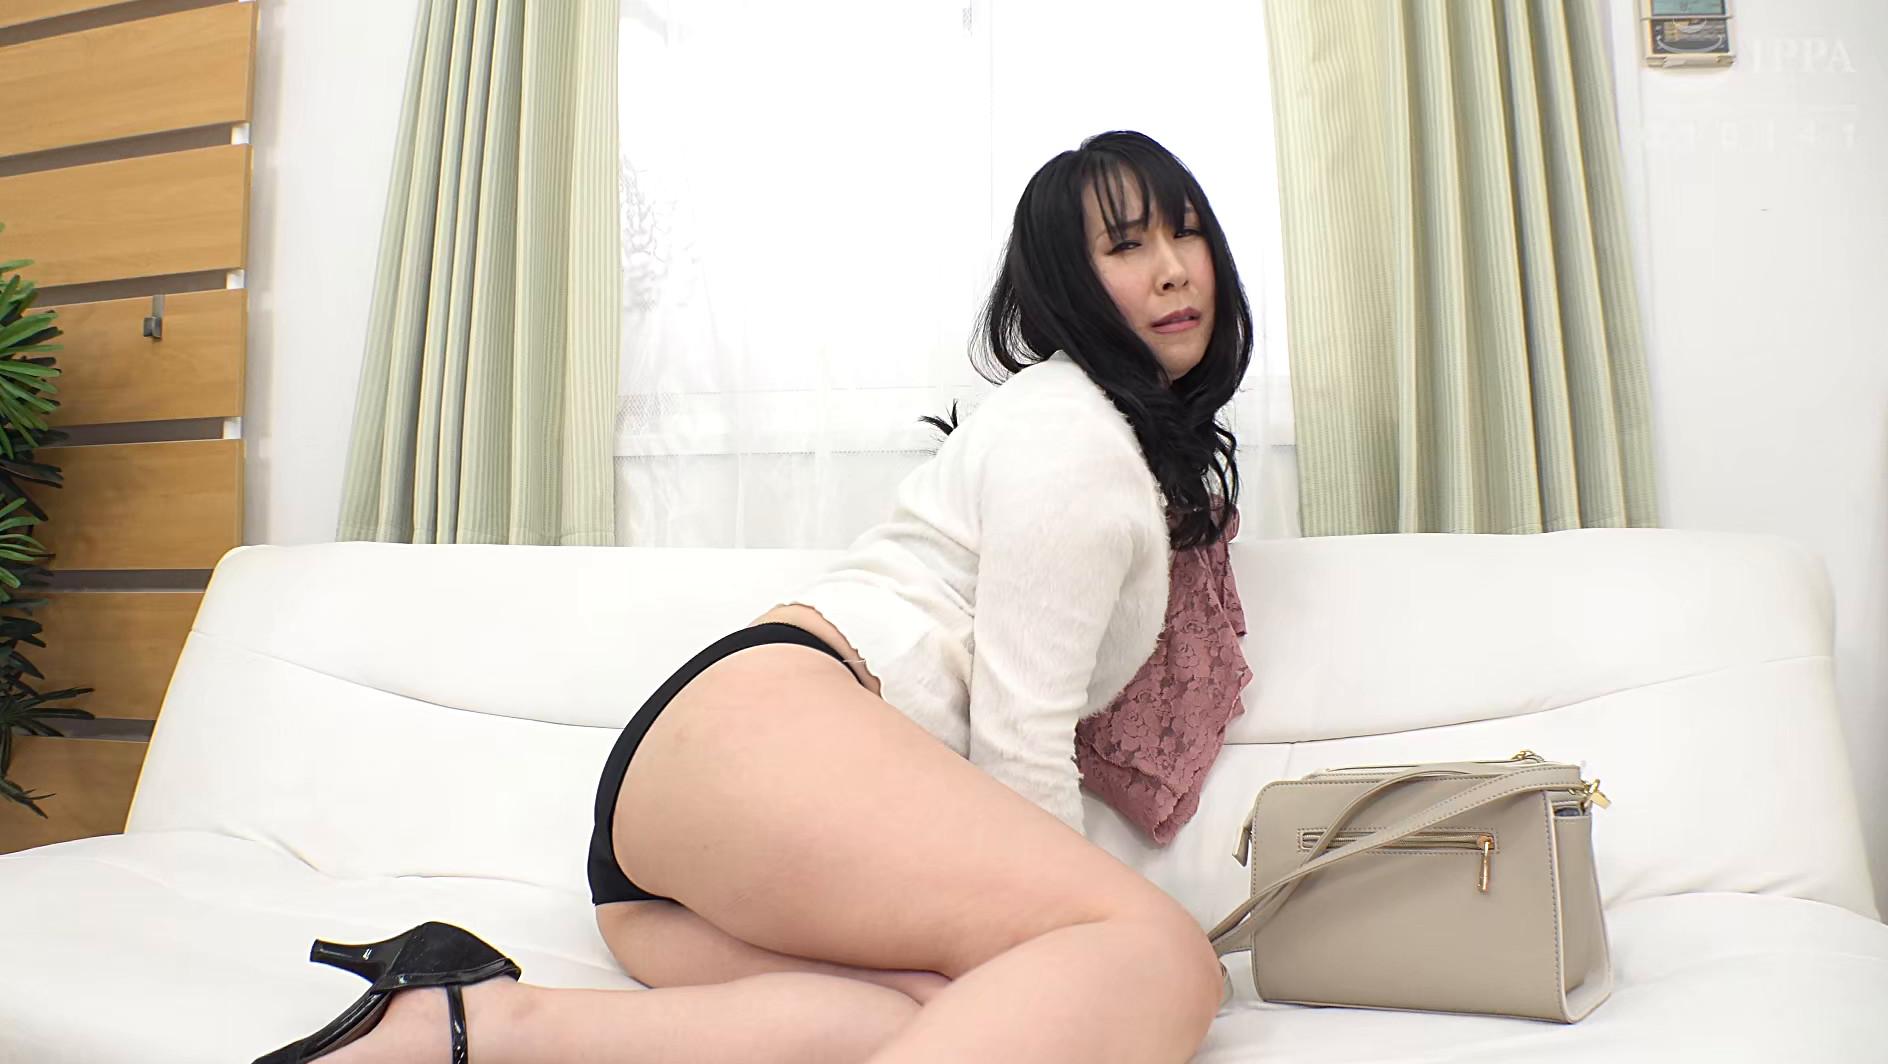 人妻なのにオスのチ〇ポと交尾のない毎日で獣なみに発情中です。 田中美矢 画像5